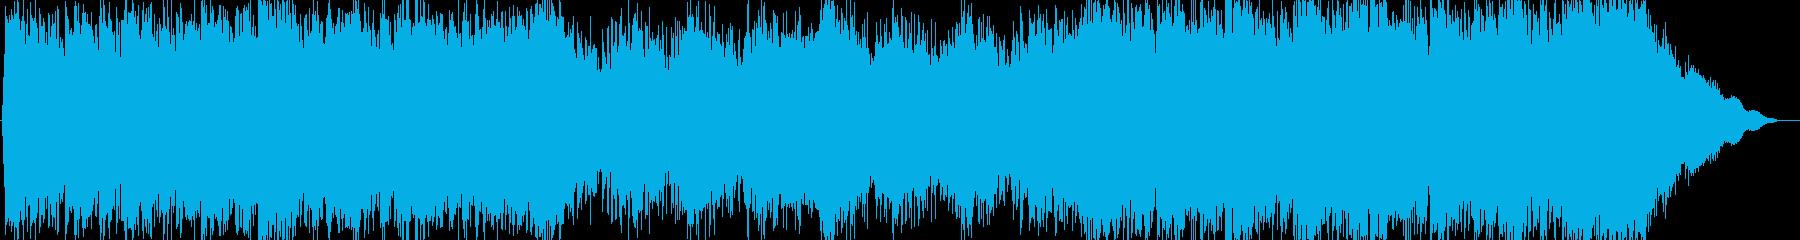 疾走感あふれるエモーショナルロックの再生済みの波形